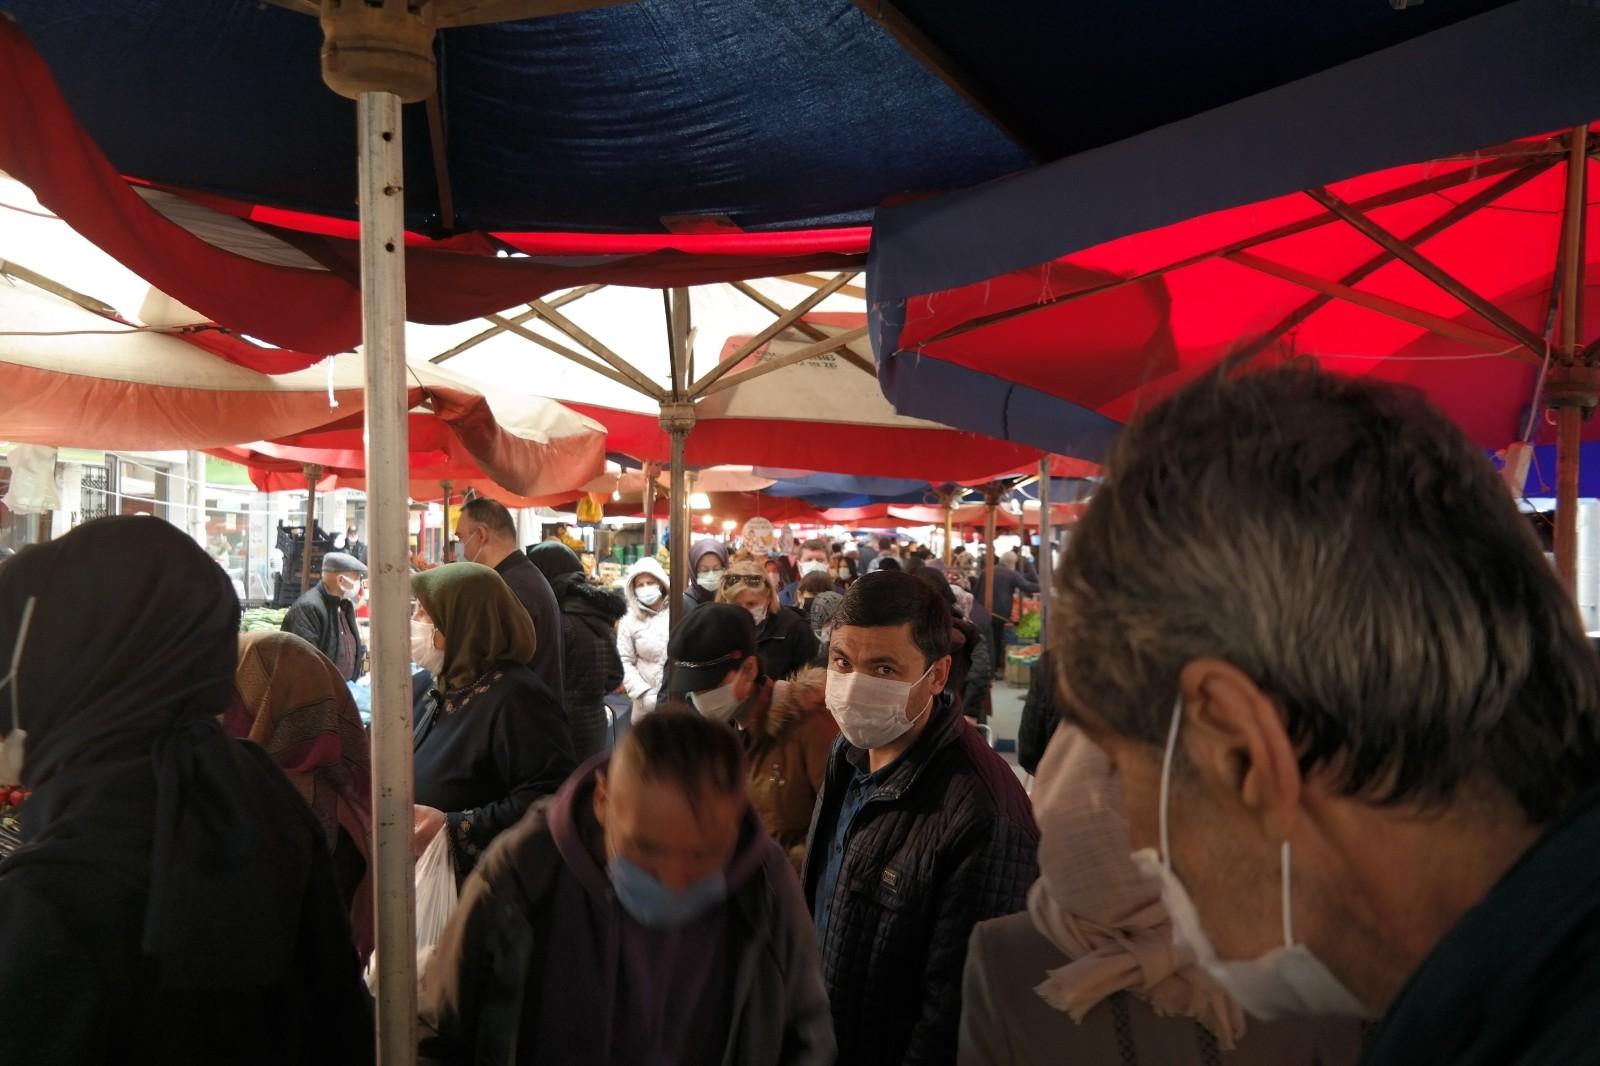 Eskişehir'de kurulan pazarda oluşan kalabalık endişelendirdi